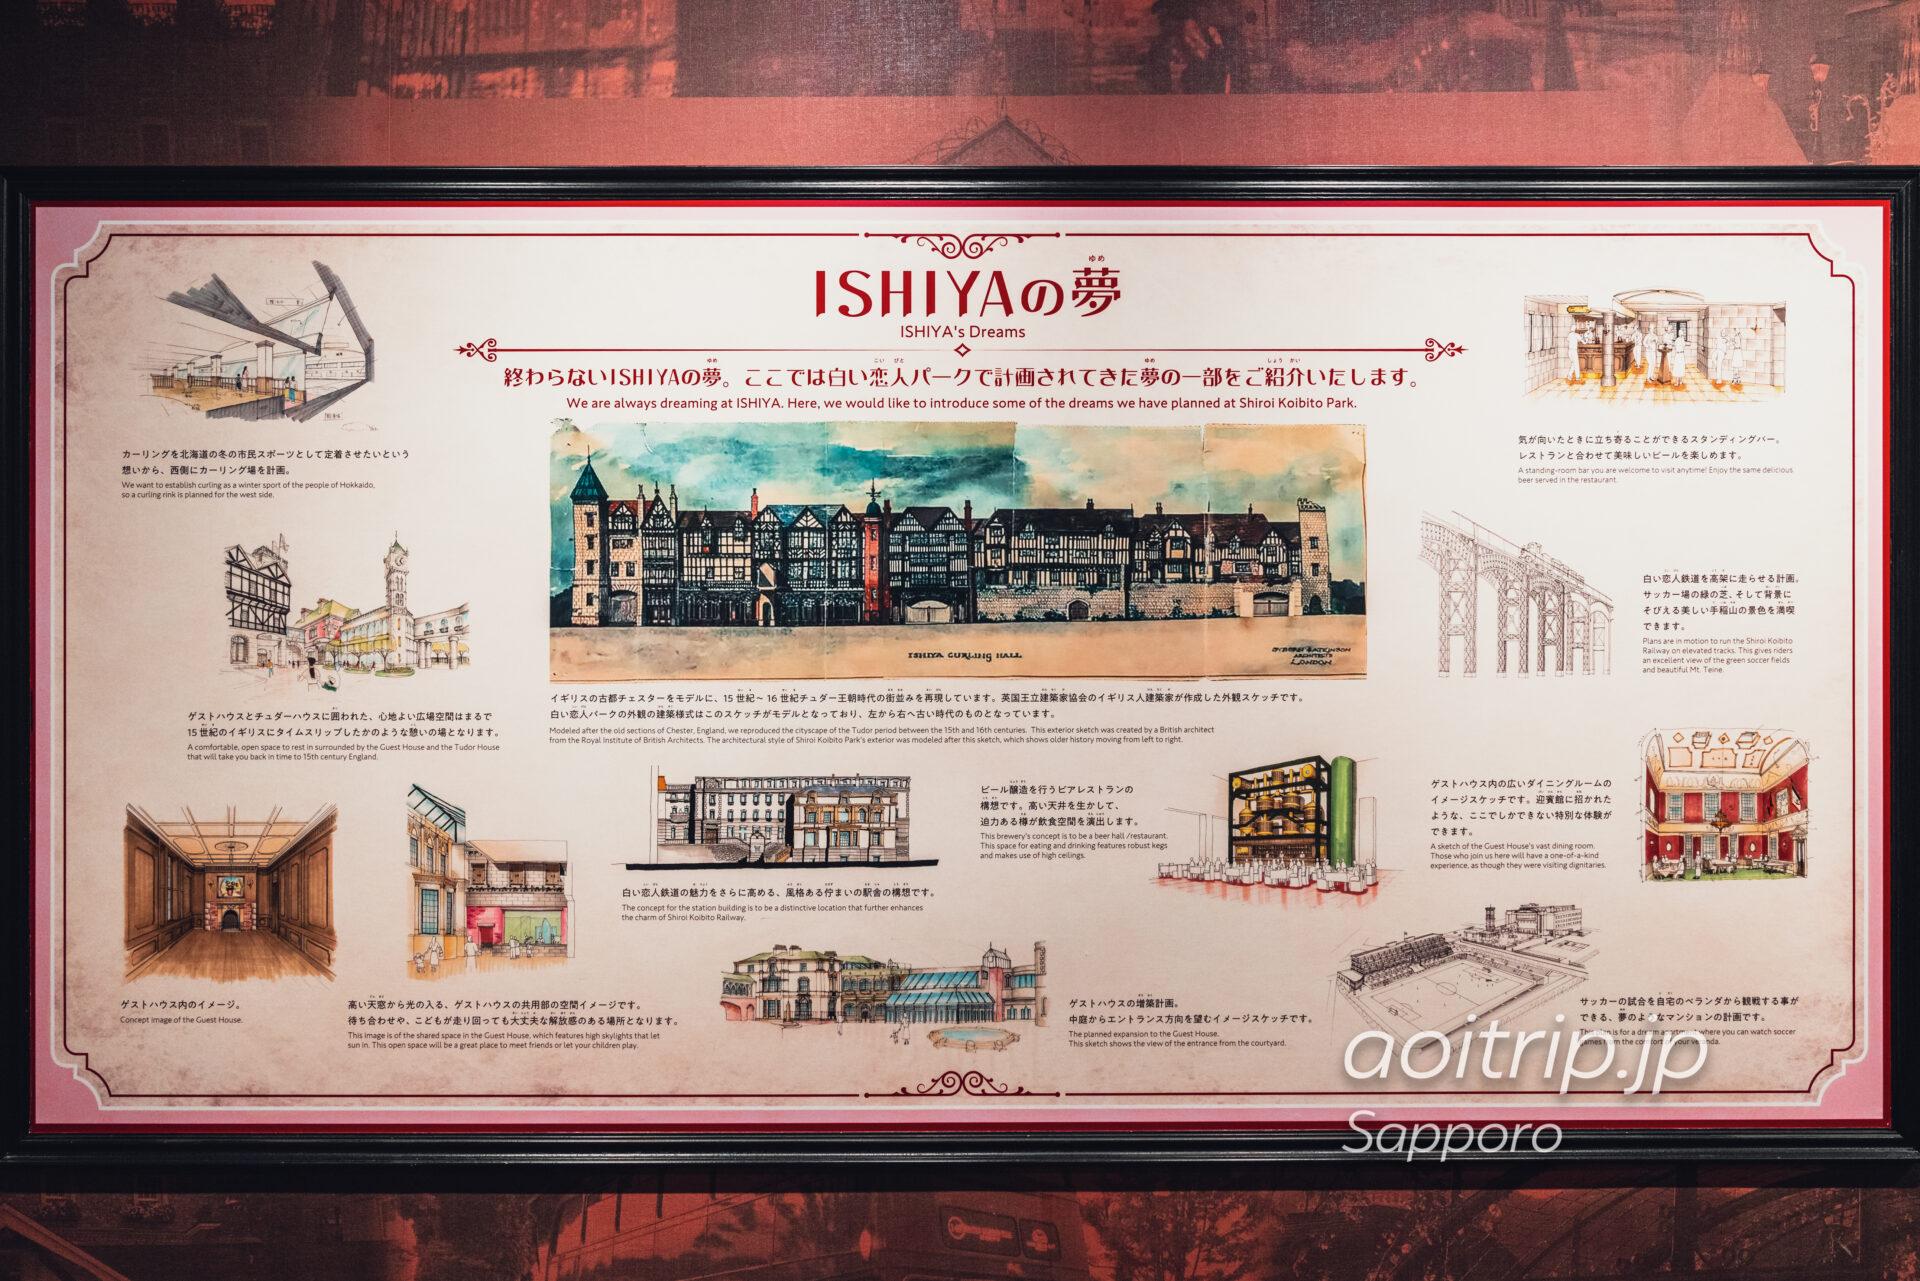 ISHIYAミュージアム